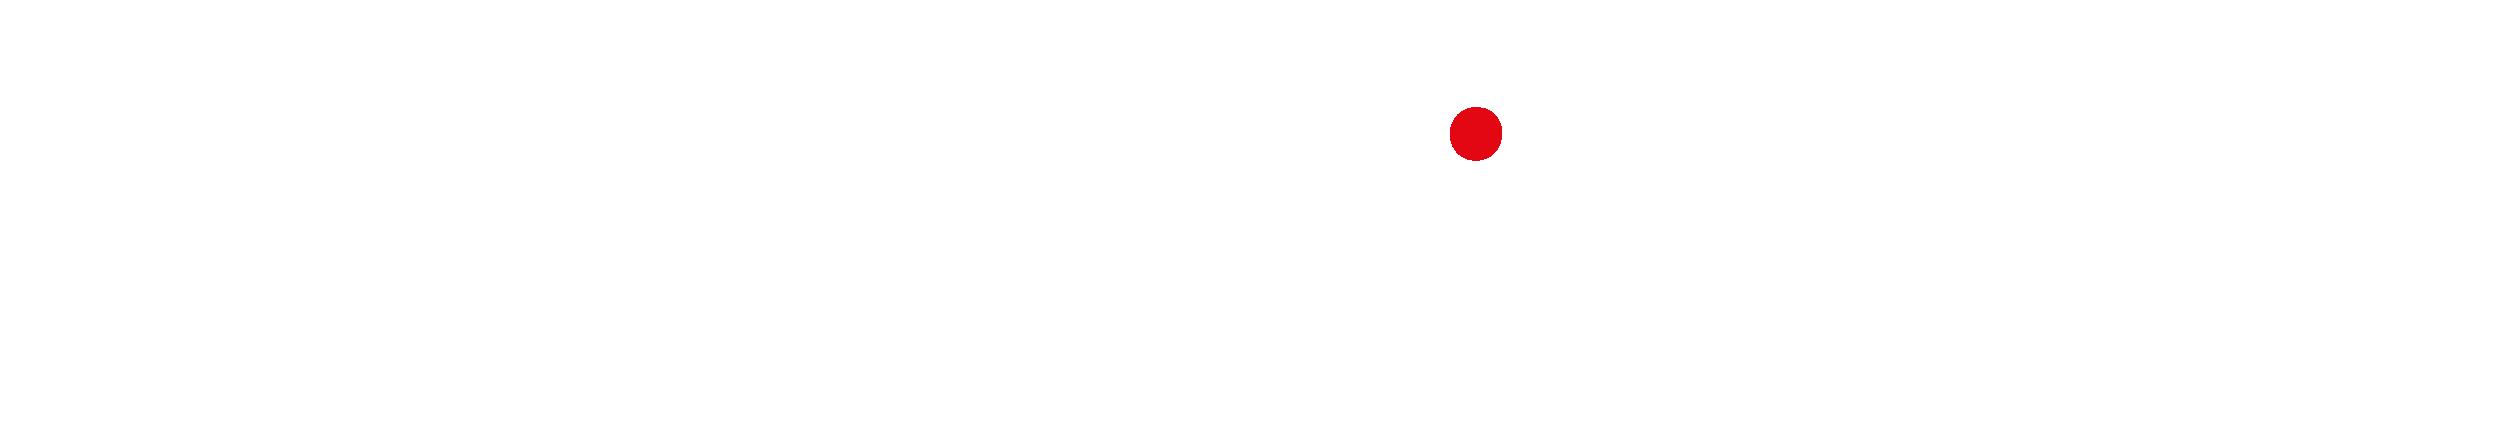 Wir generieren für Ihr Unternehmen folgenden Content: Image- und Produktfilme, Facebook Marketing, Produktfotos, Drohnenaufnahmen